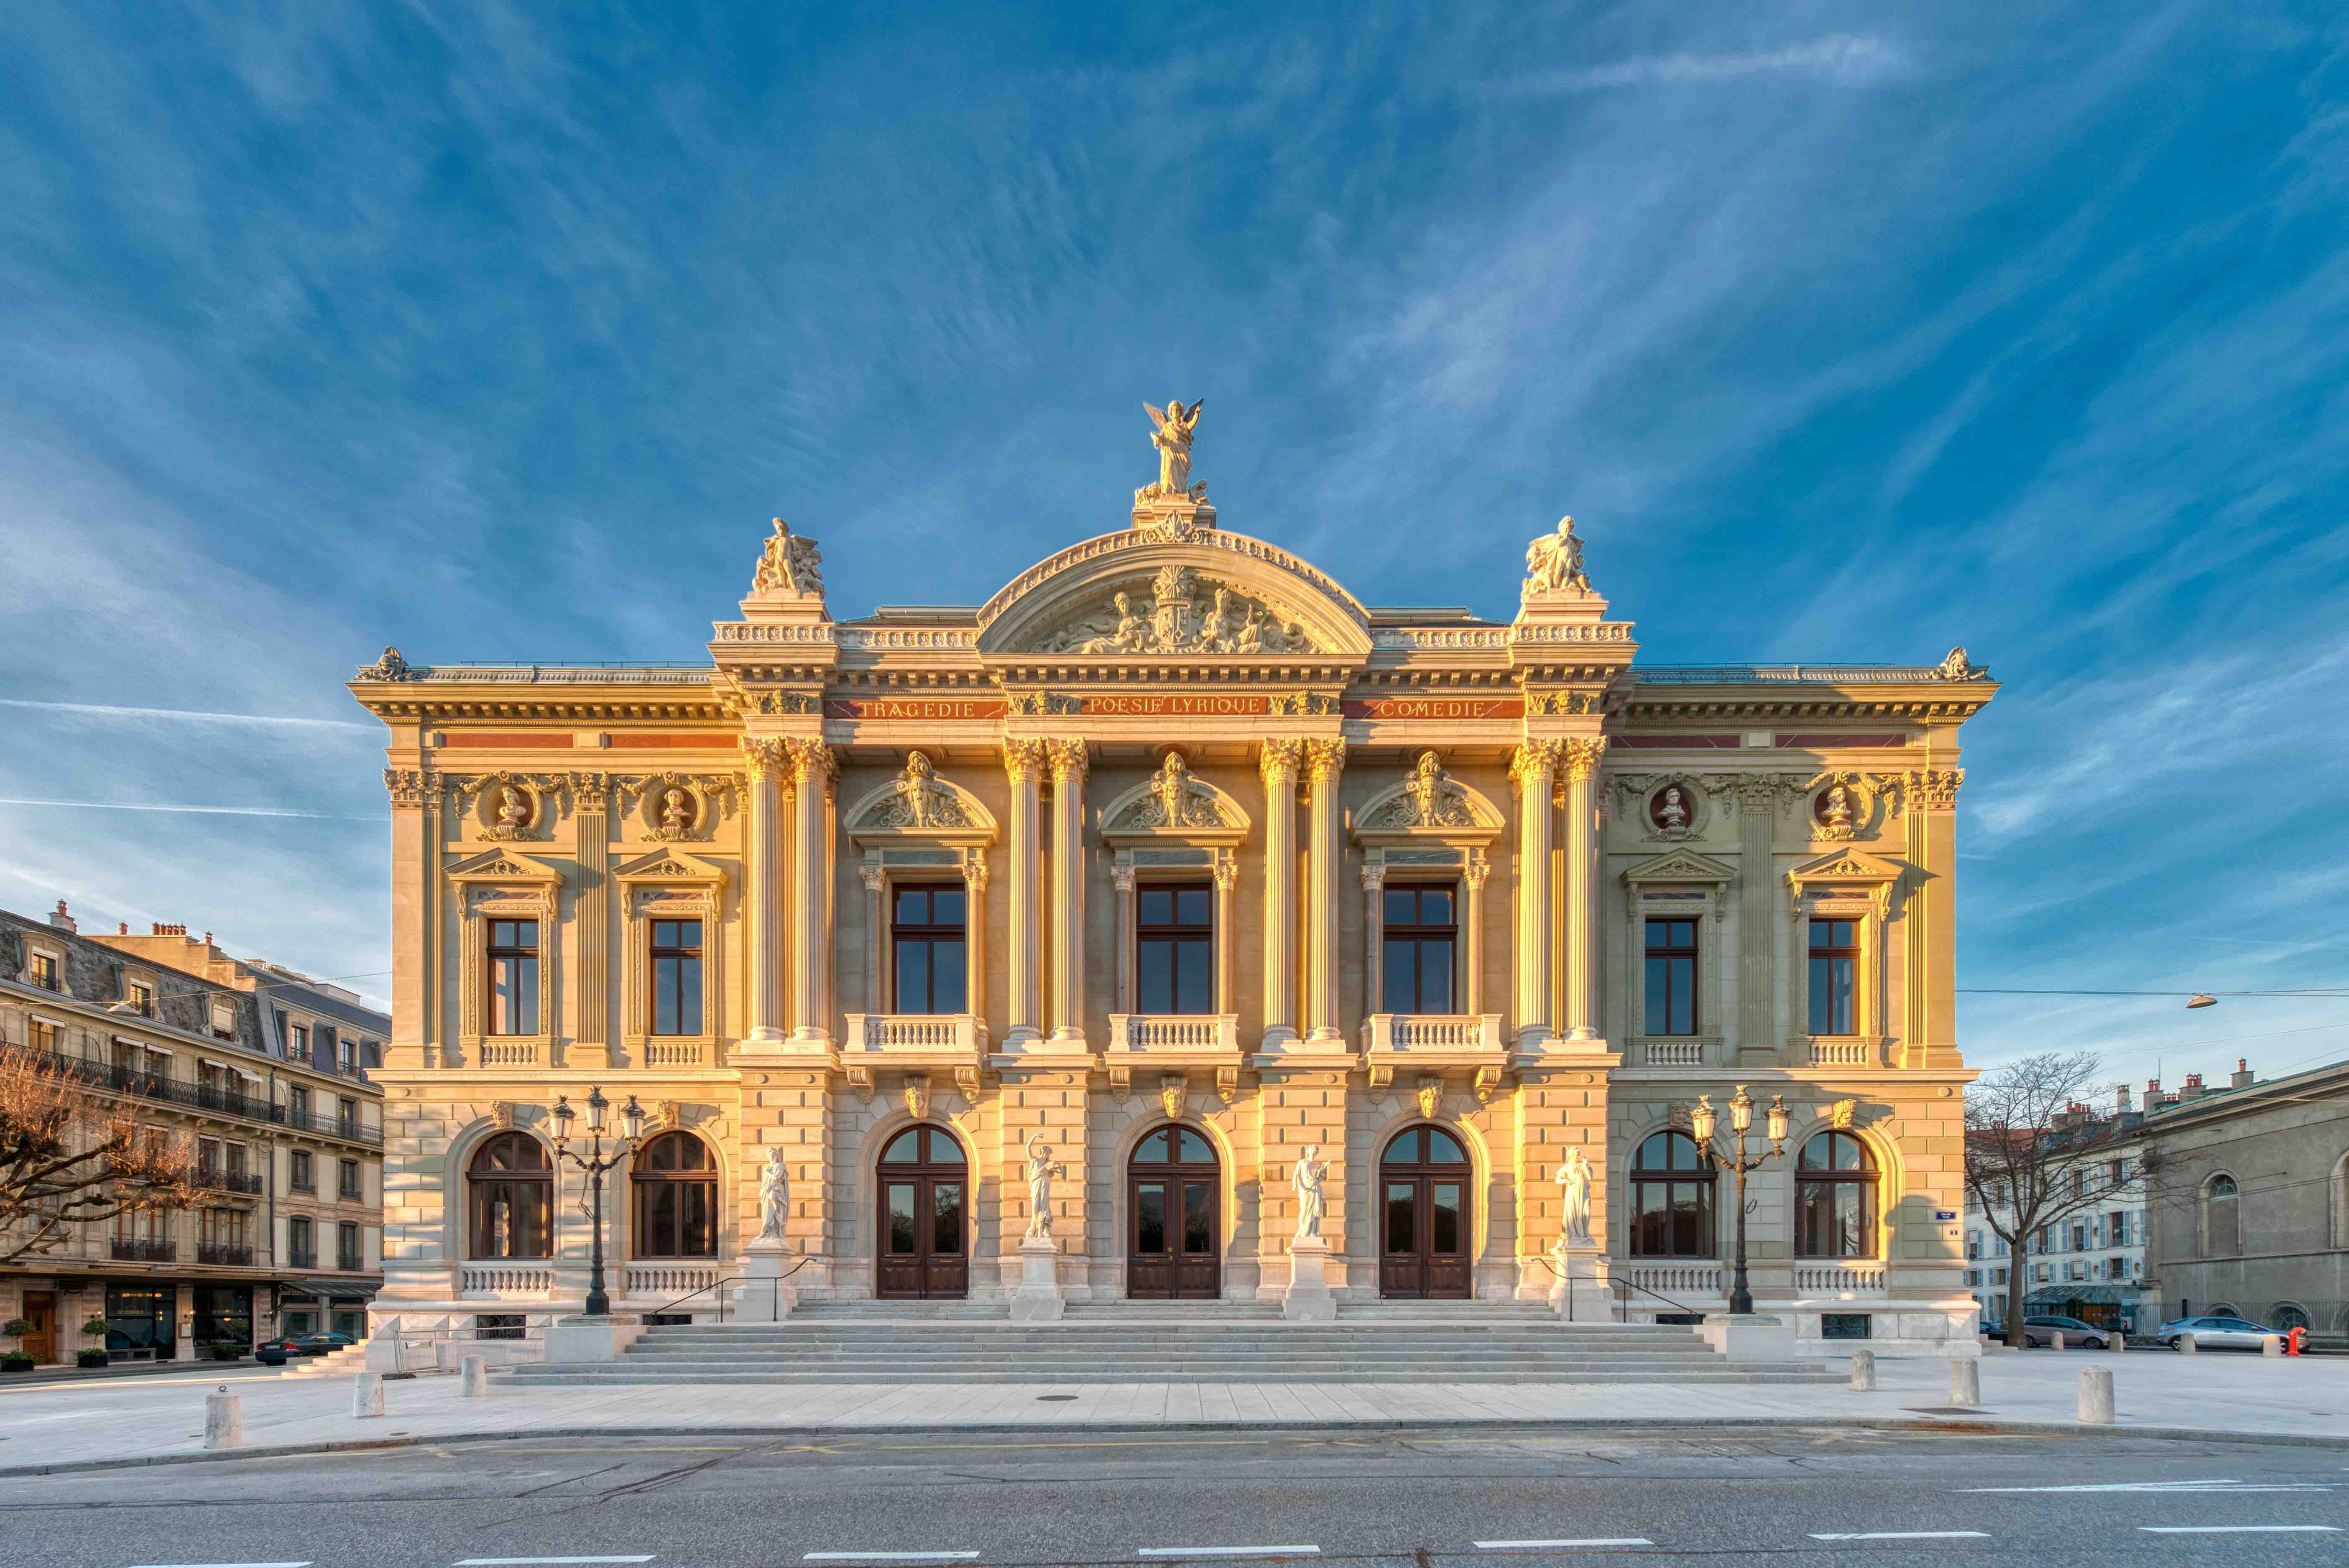 The Grand Théâtre de Genève